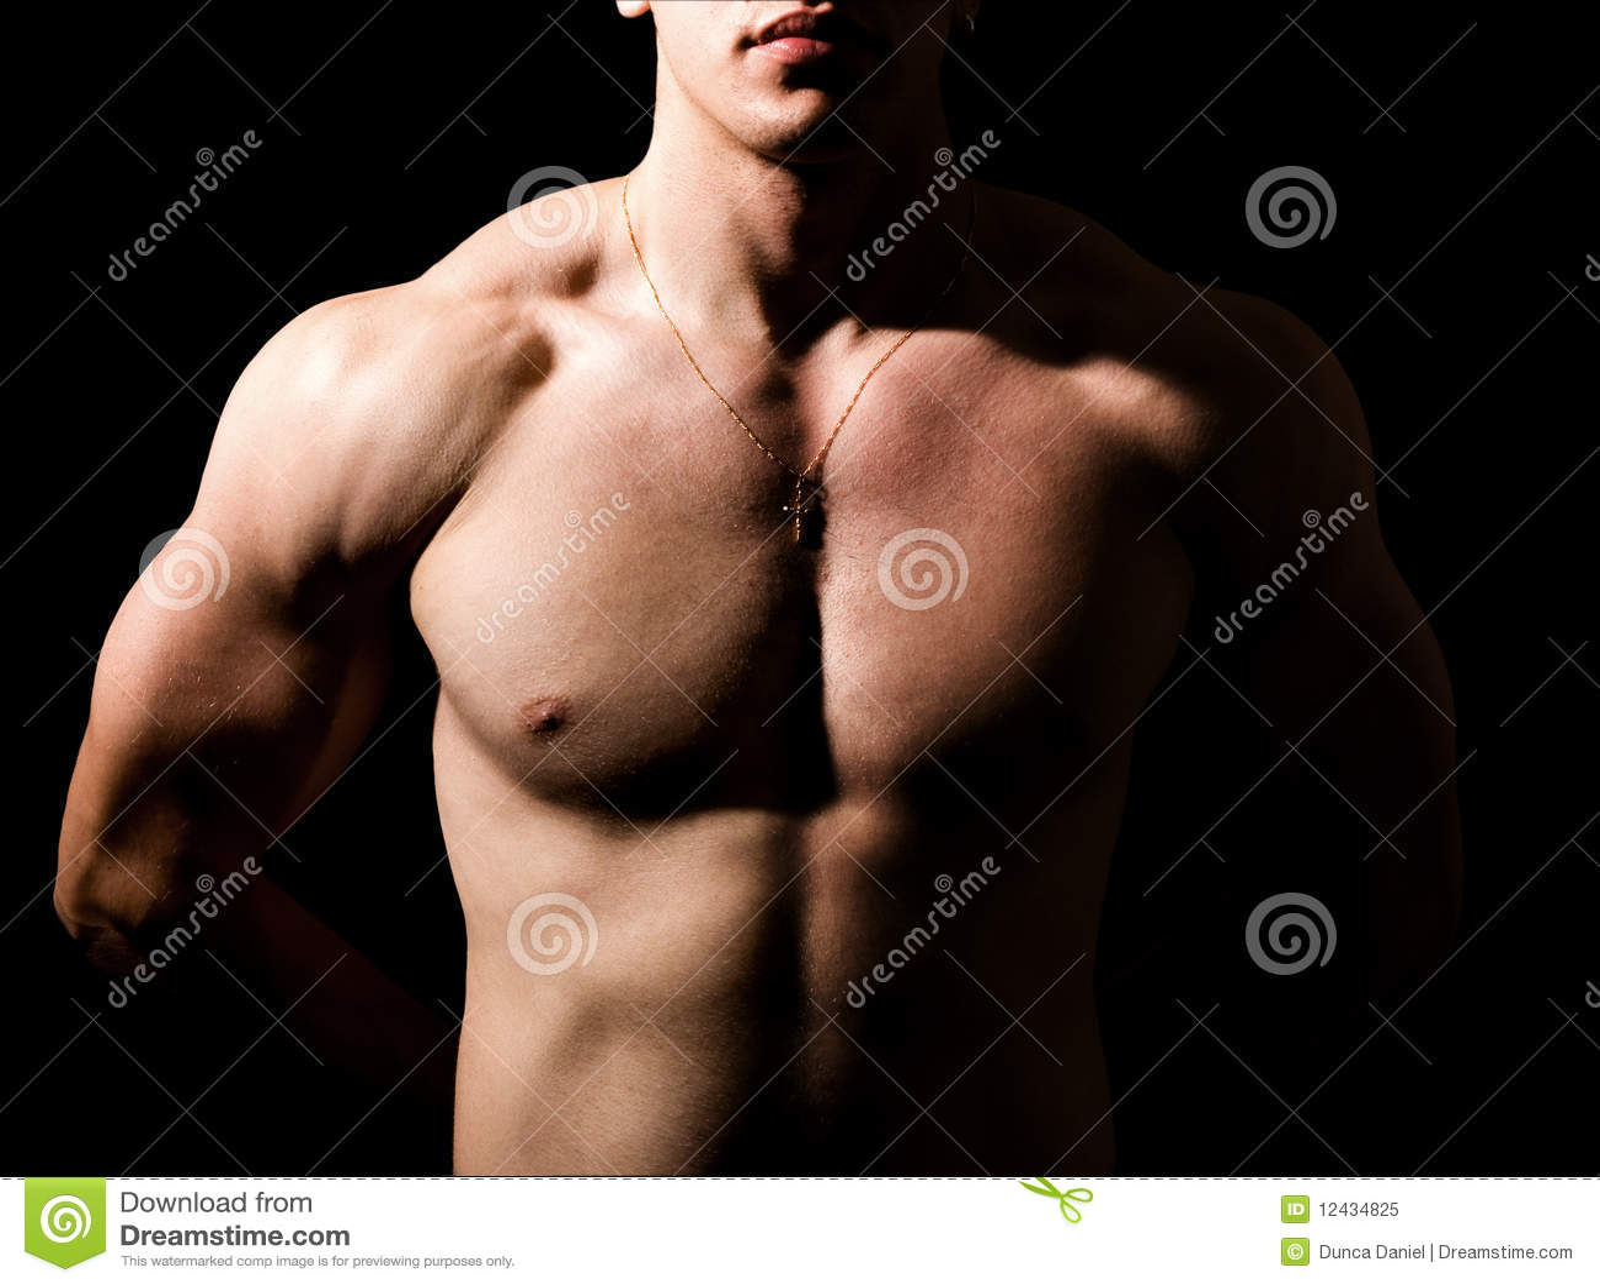 без рубашки темного человека тела мышечное сексуальное